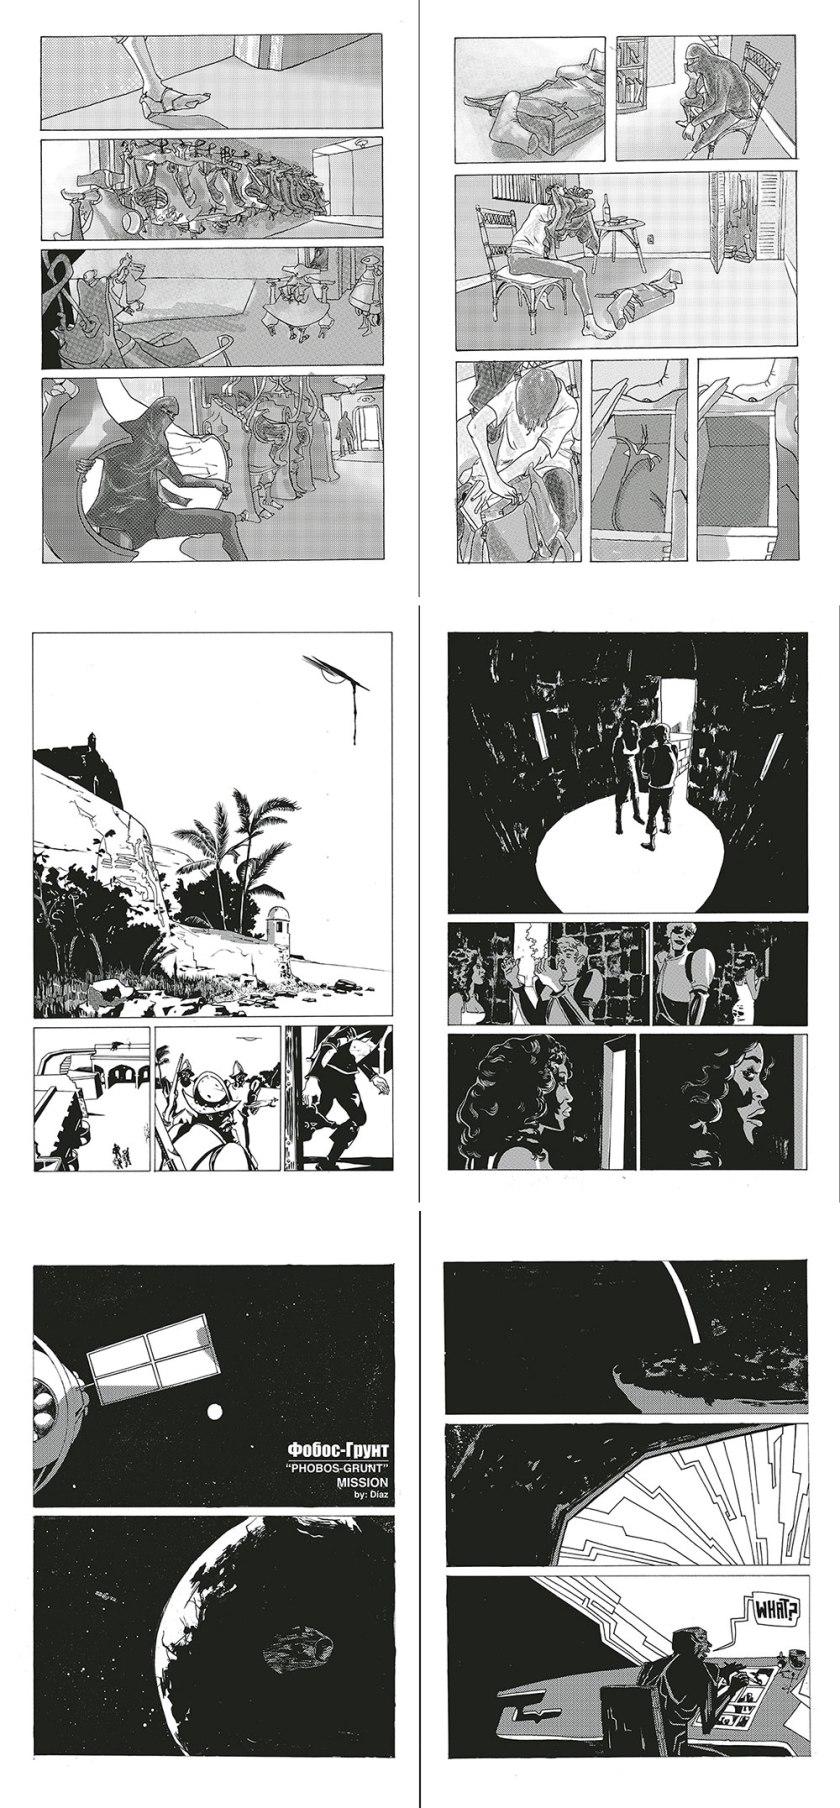 arte-secuencial-03